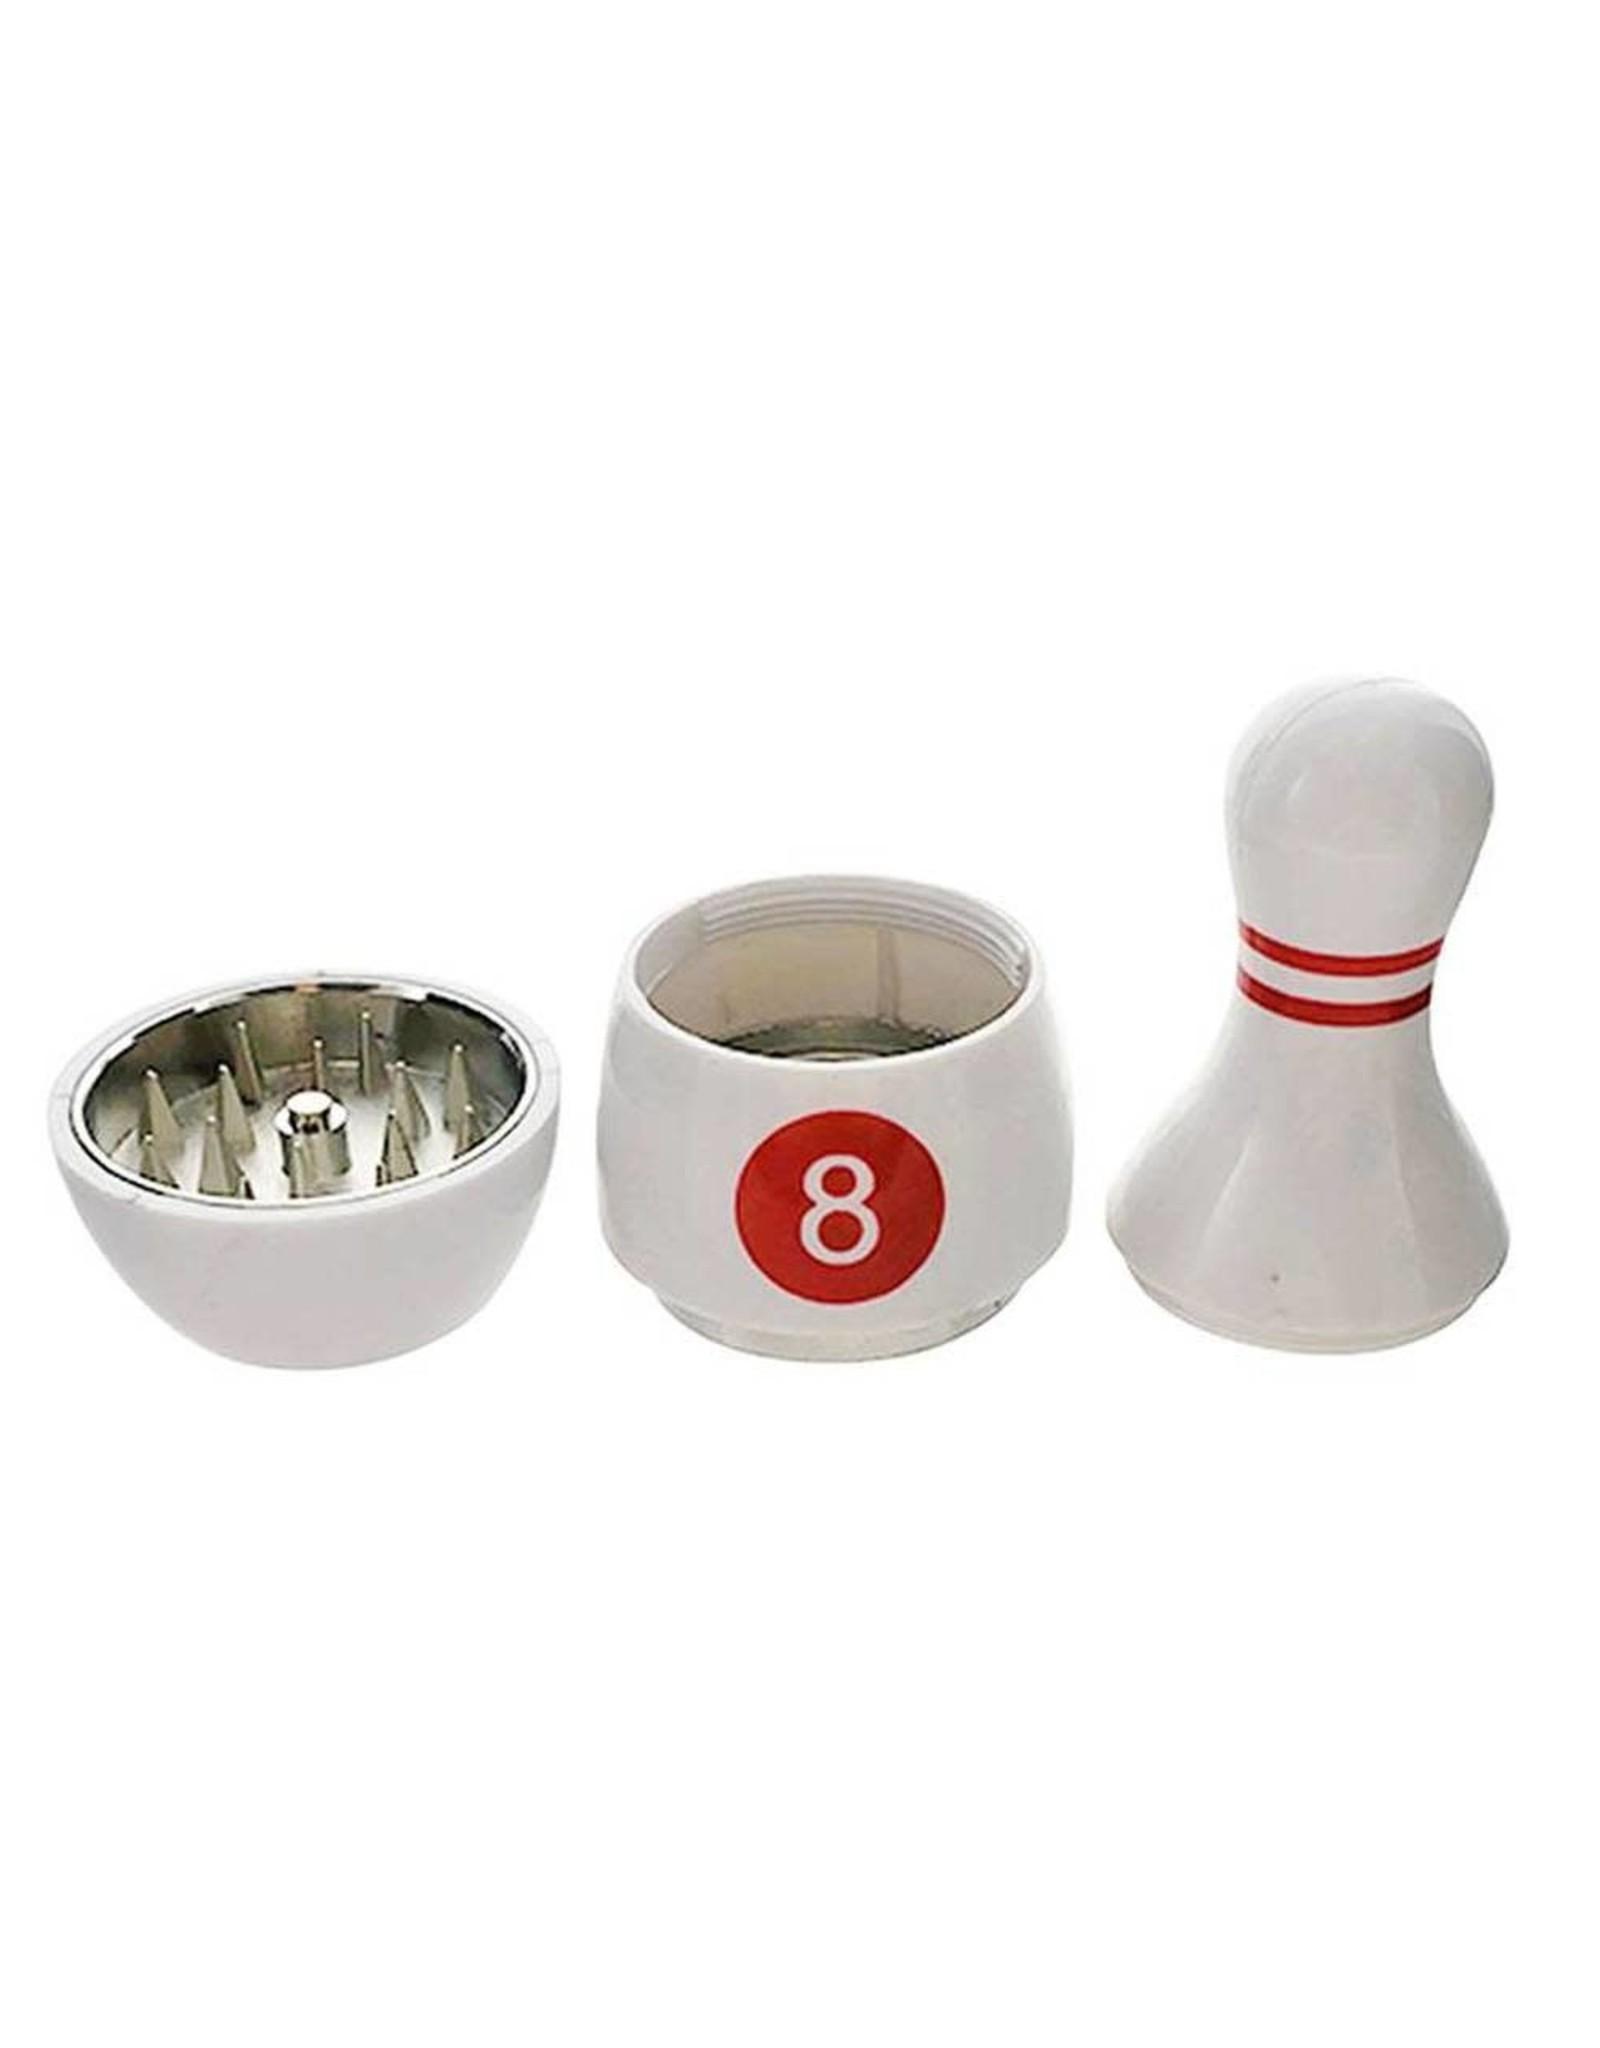 Bowling Pin Grinder